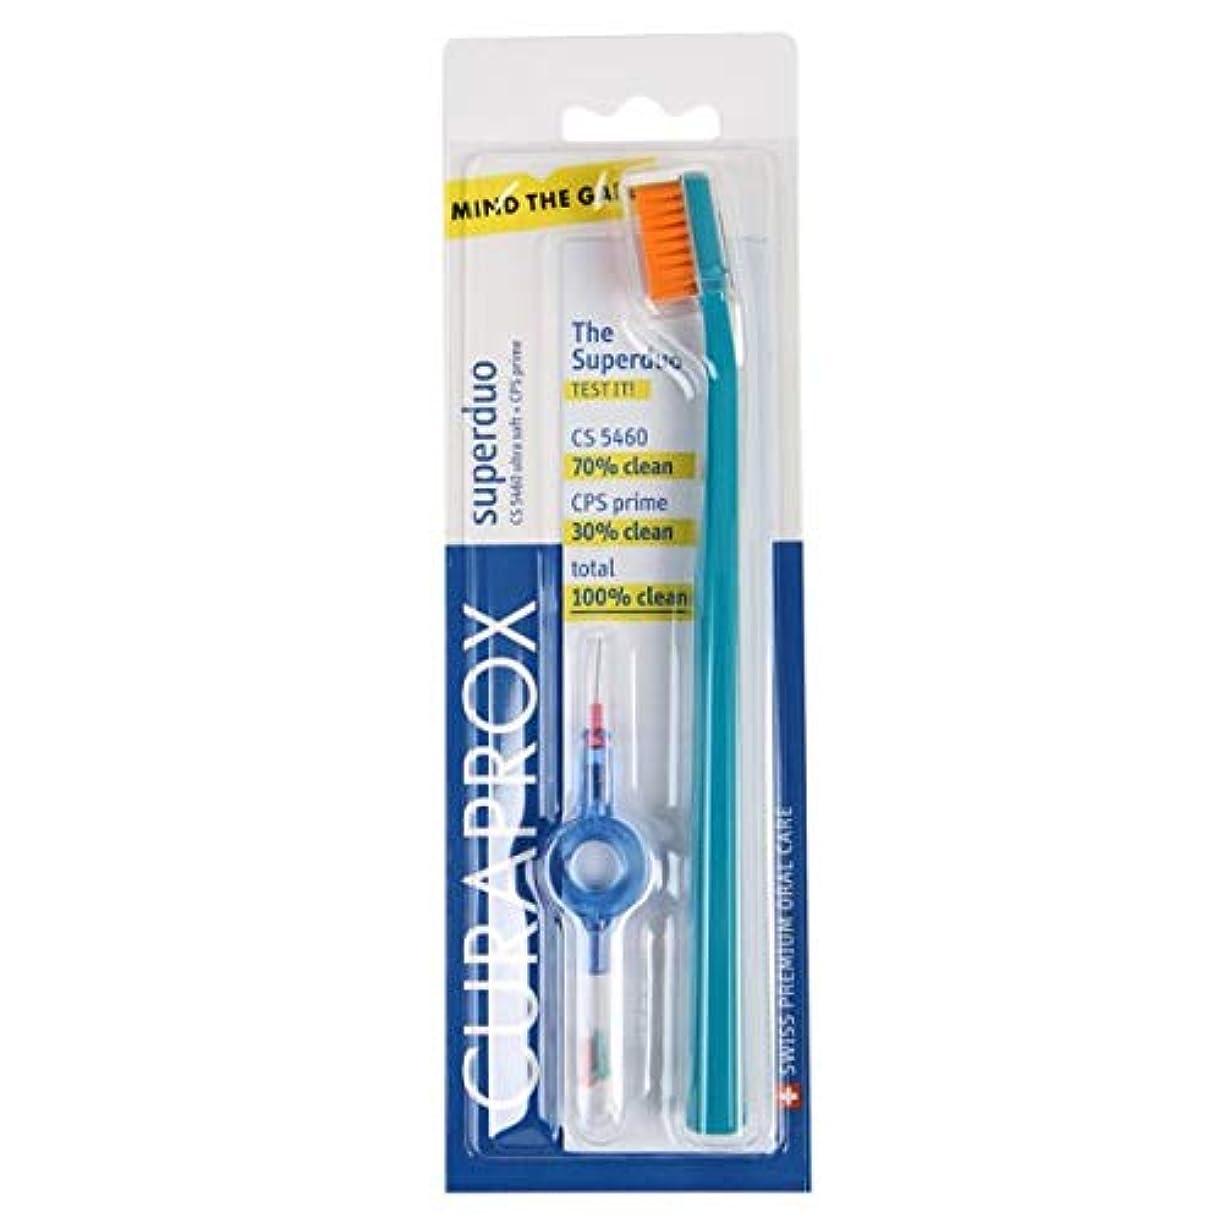 筋速度行列クラプロックス 歯ブラシ+歯間ブラシ セット CS 5460 + CPS 06/07/08, UHS 409 holder + cap